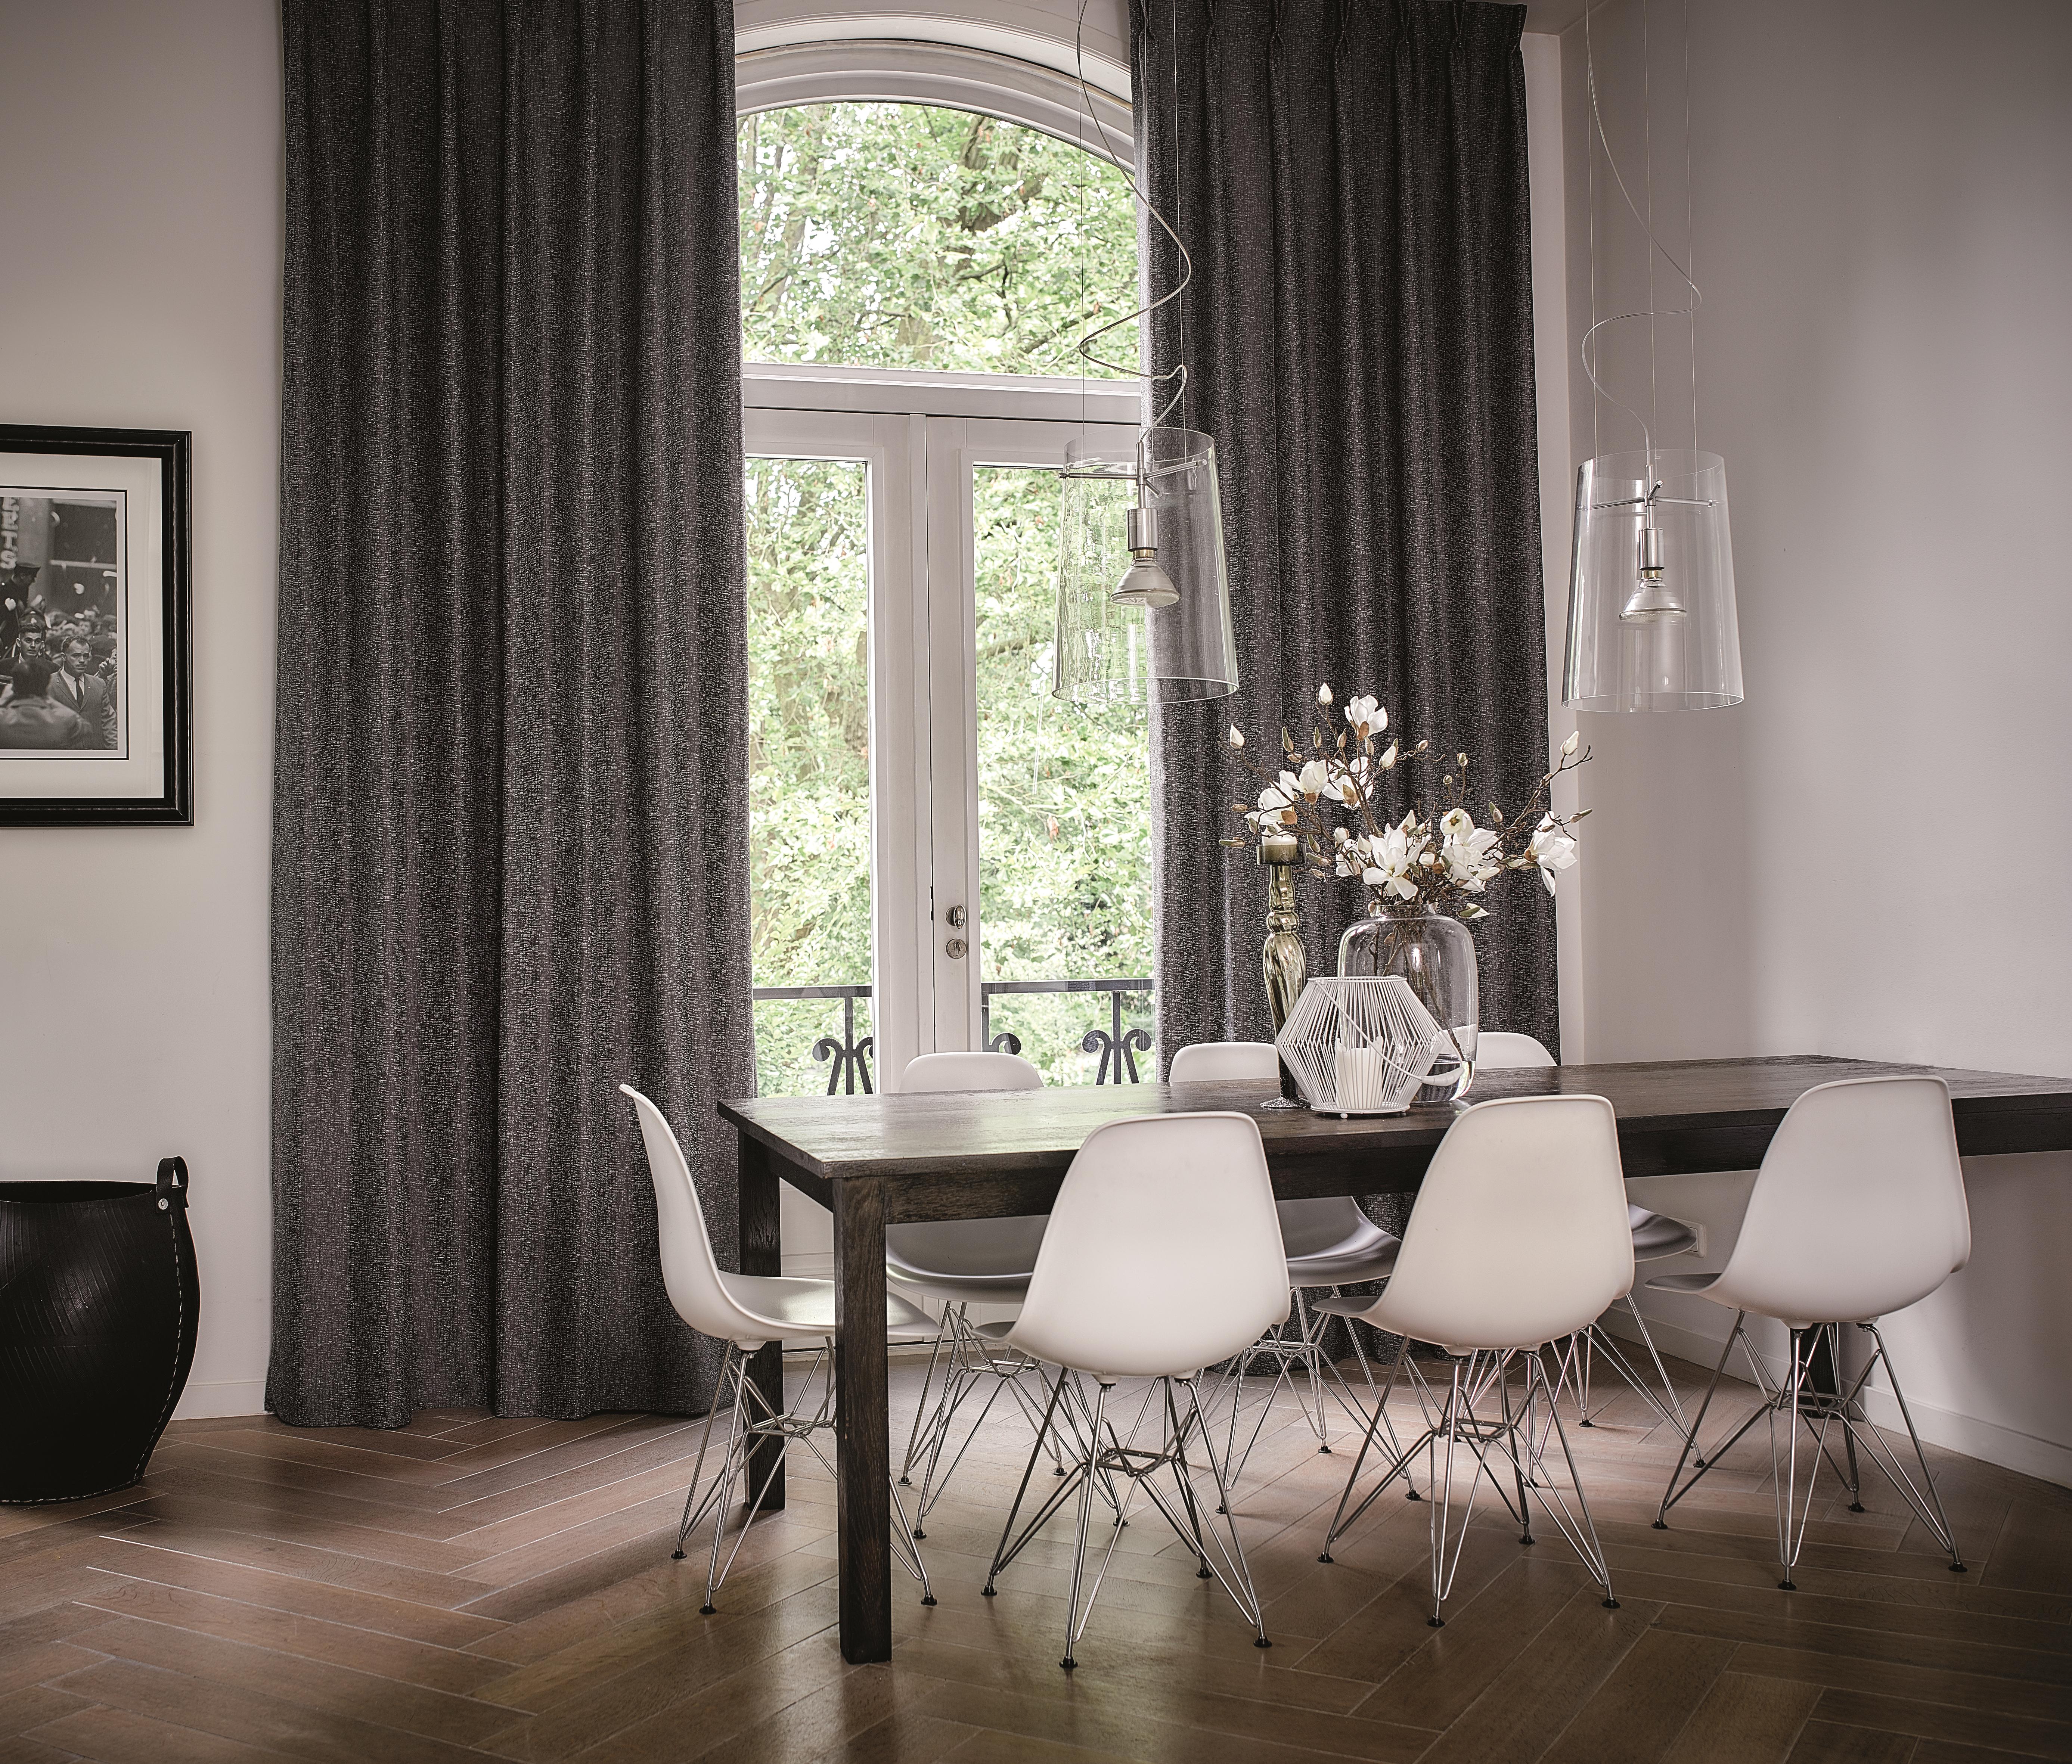 Schön Esstisch Eames Chair. Foto: Kobe #GibDirStoff. Esstisch Weiß Mit Blauer  Blumentapete